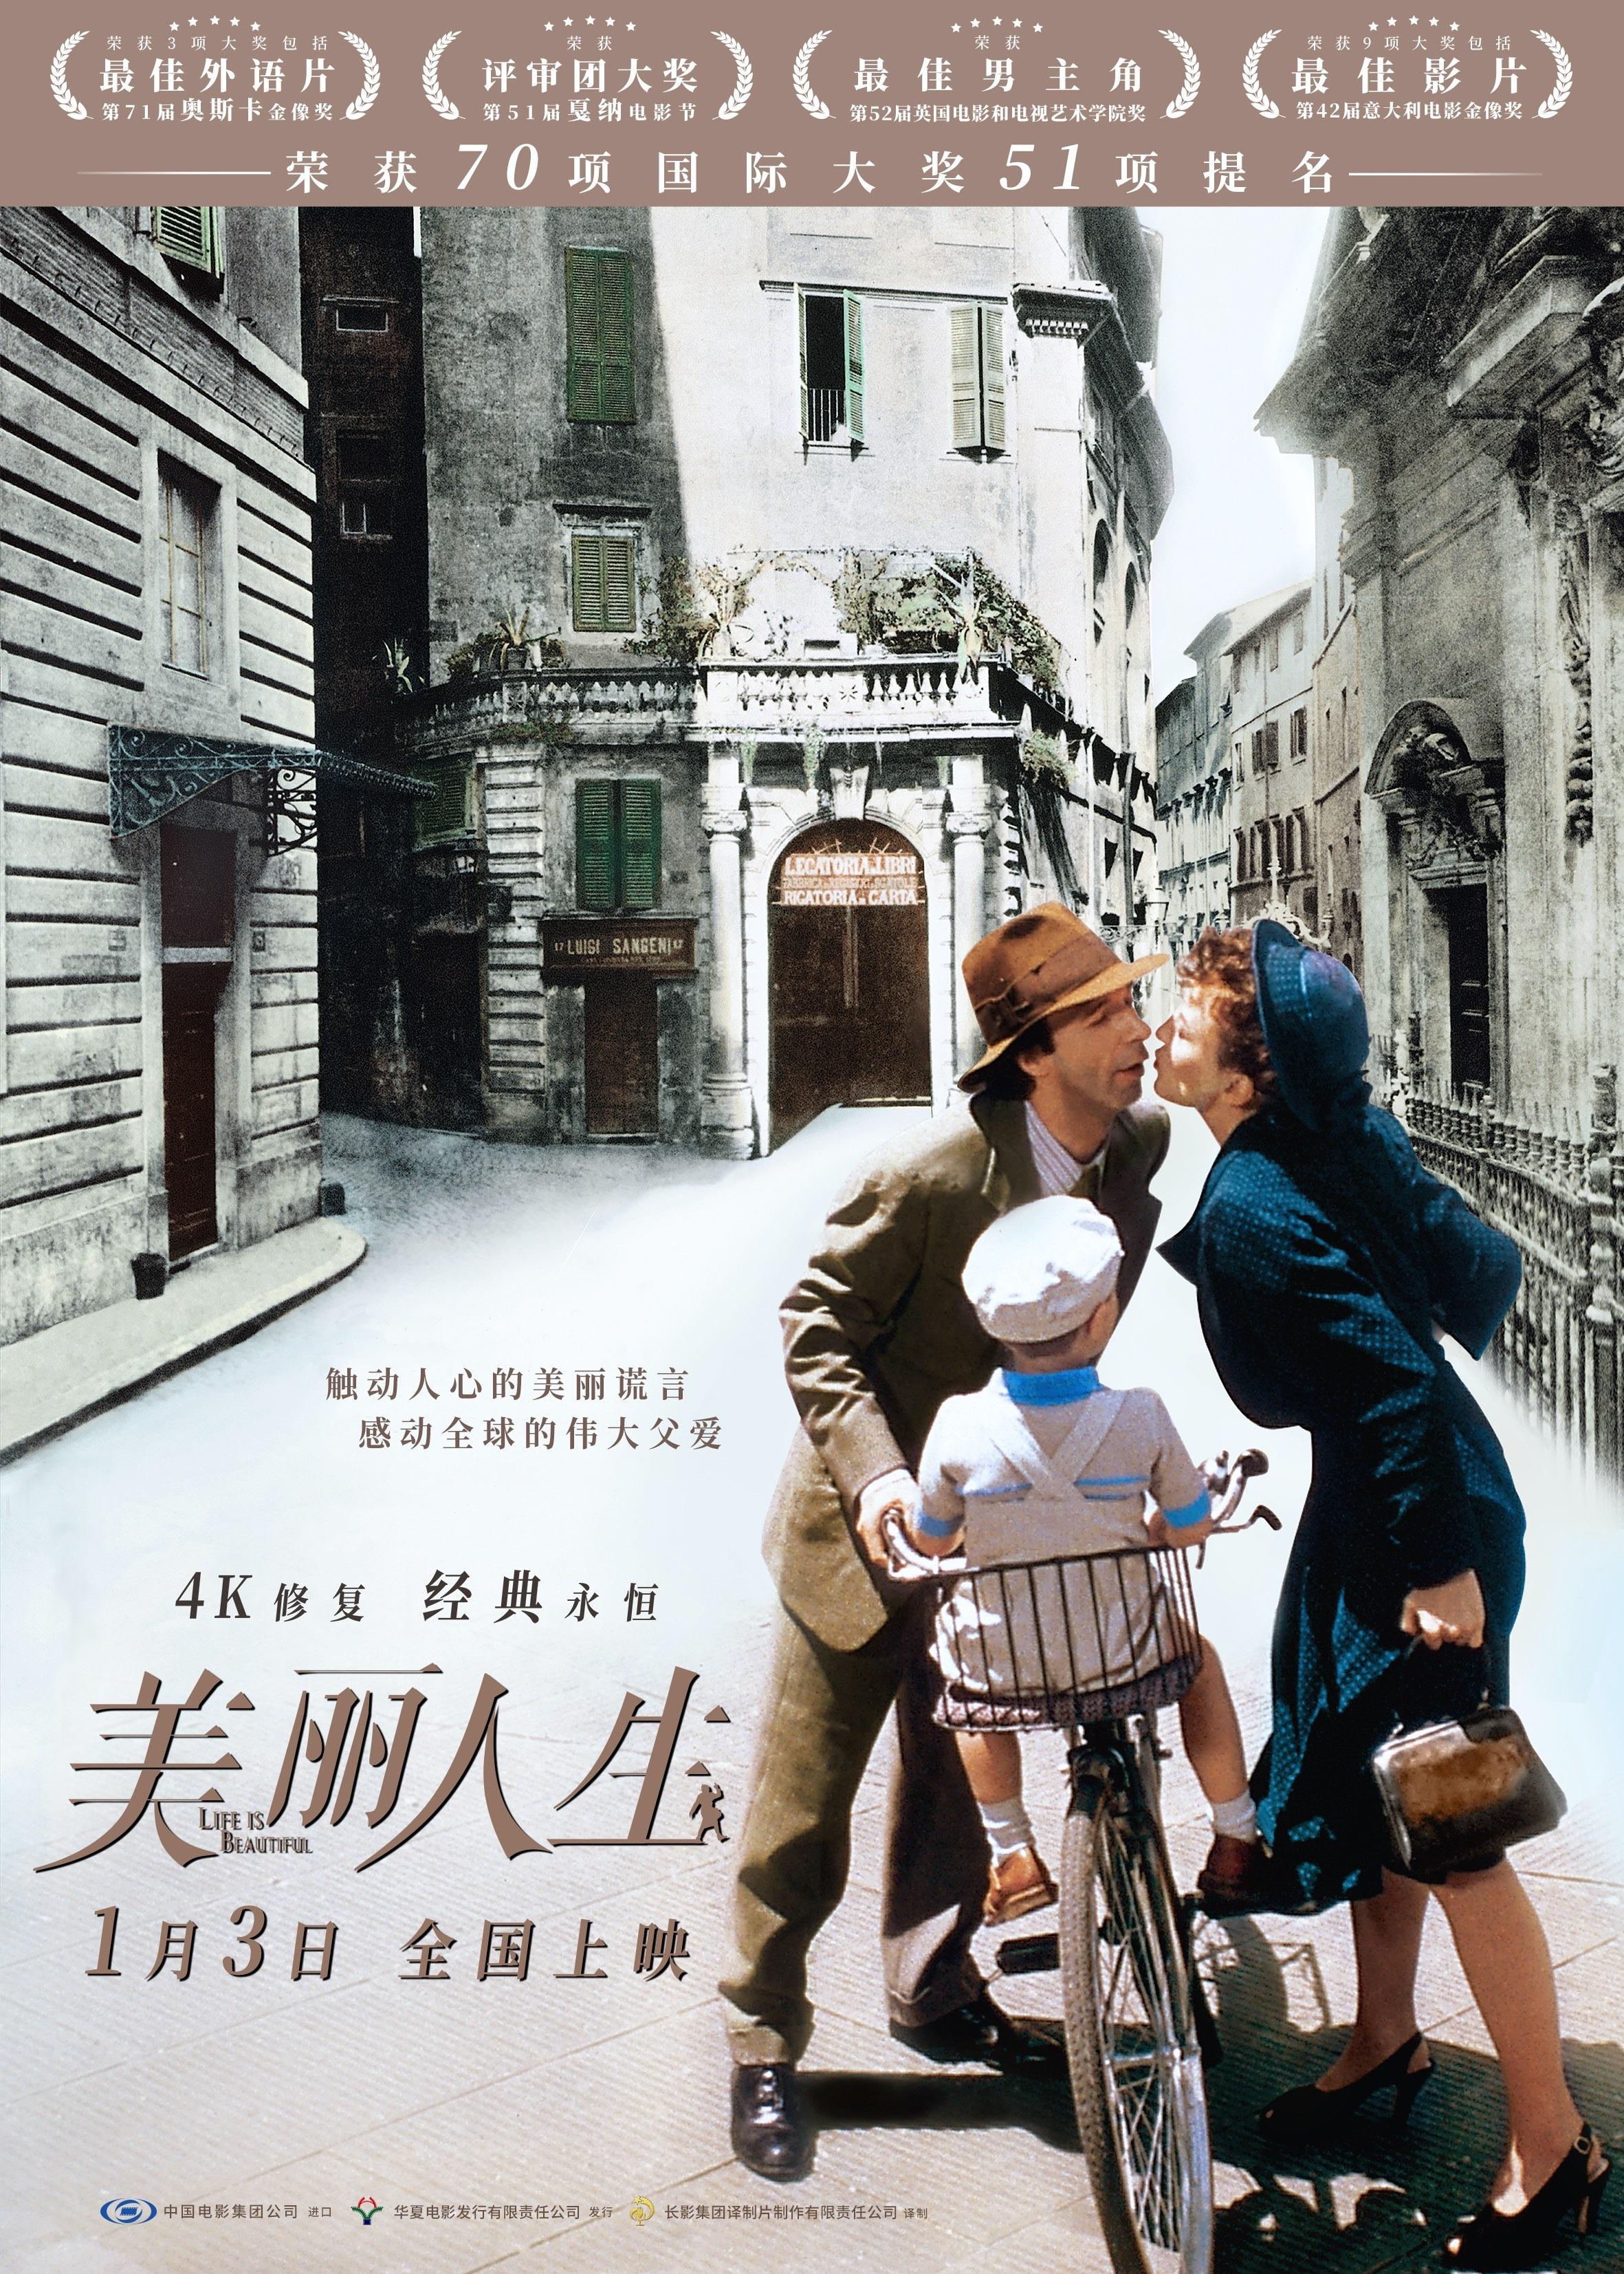 本周看什麼: 《美麗人生》上映, 《寂靜之地 2》發佈預告